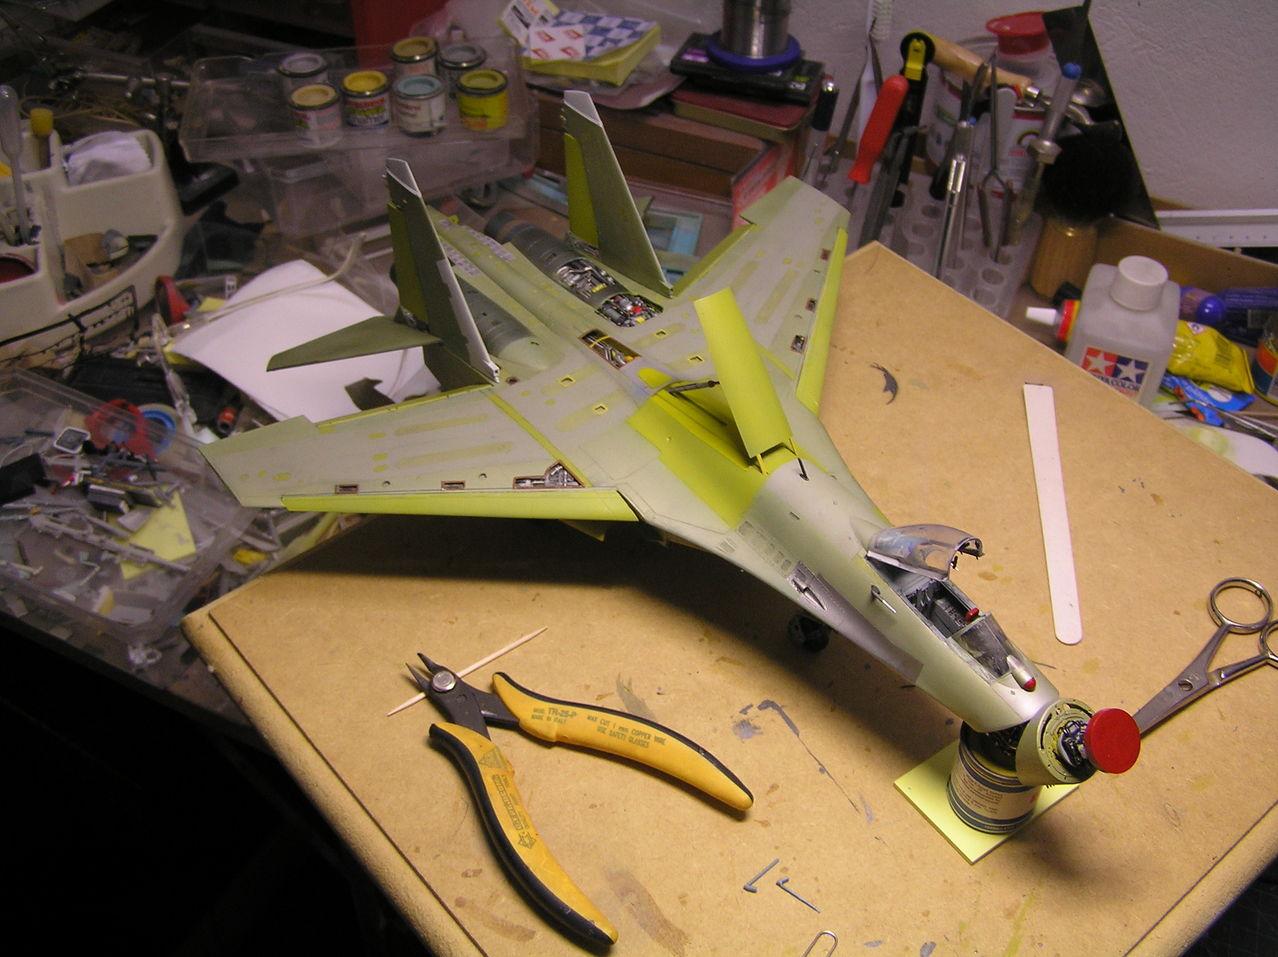 ...καπως ετσι αρχισαν ολα...Su-27  και τα μυαλα στα καγκελα... - Σελίδα 4 P1010199